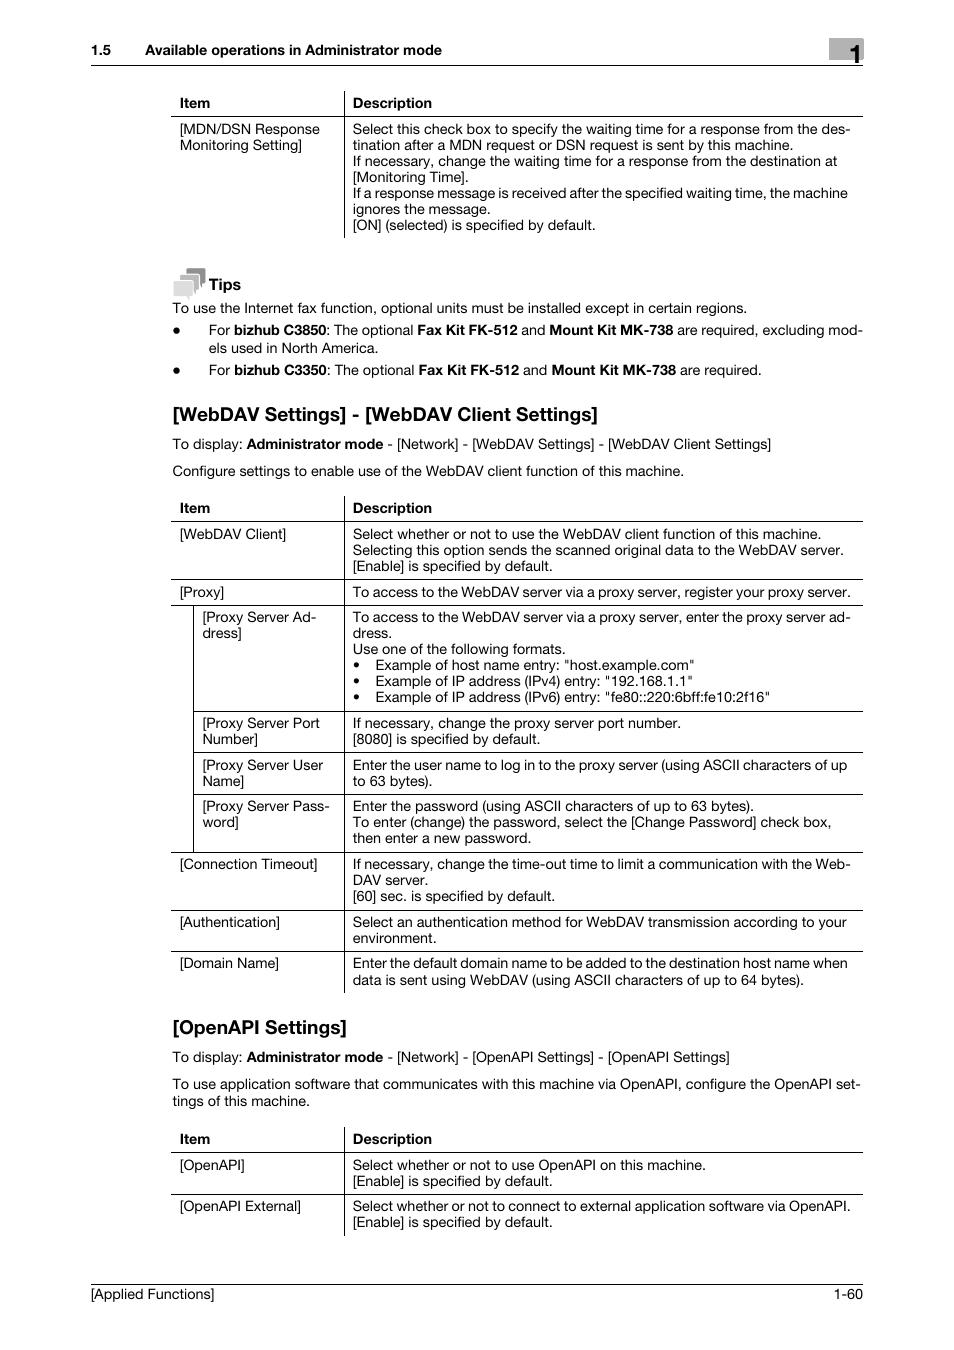 Webdav settings] - [webdav client settings, Openapi settings